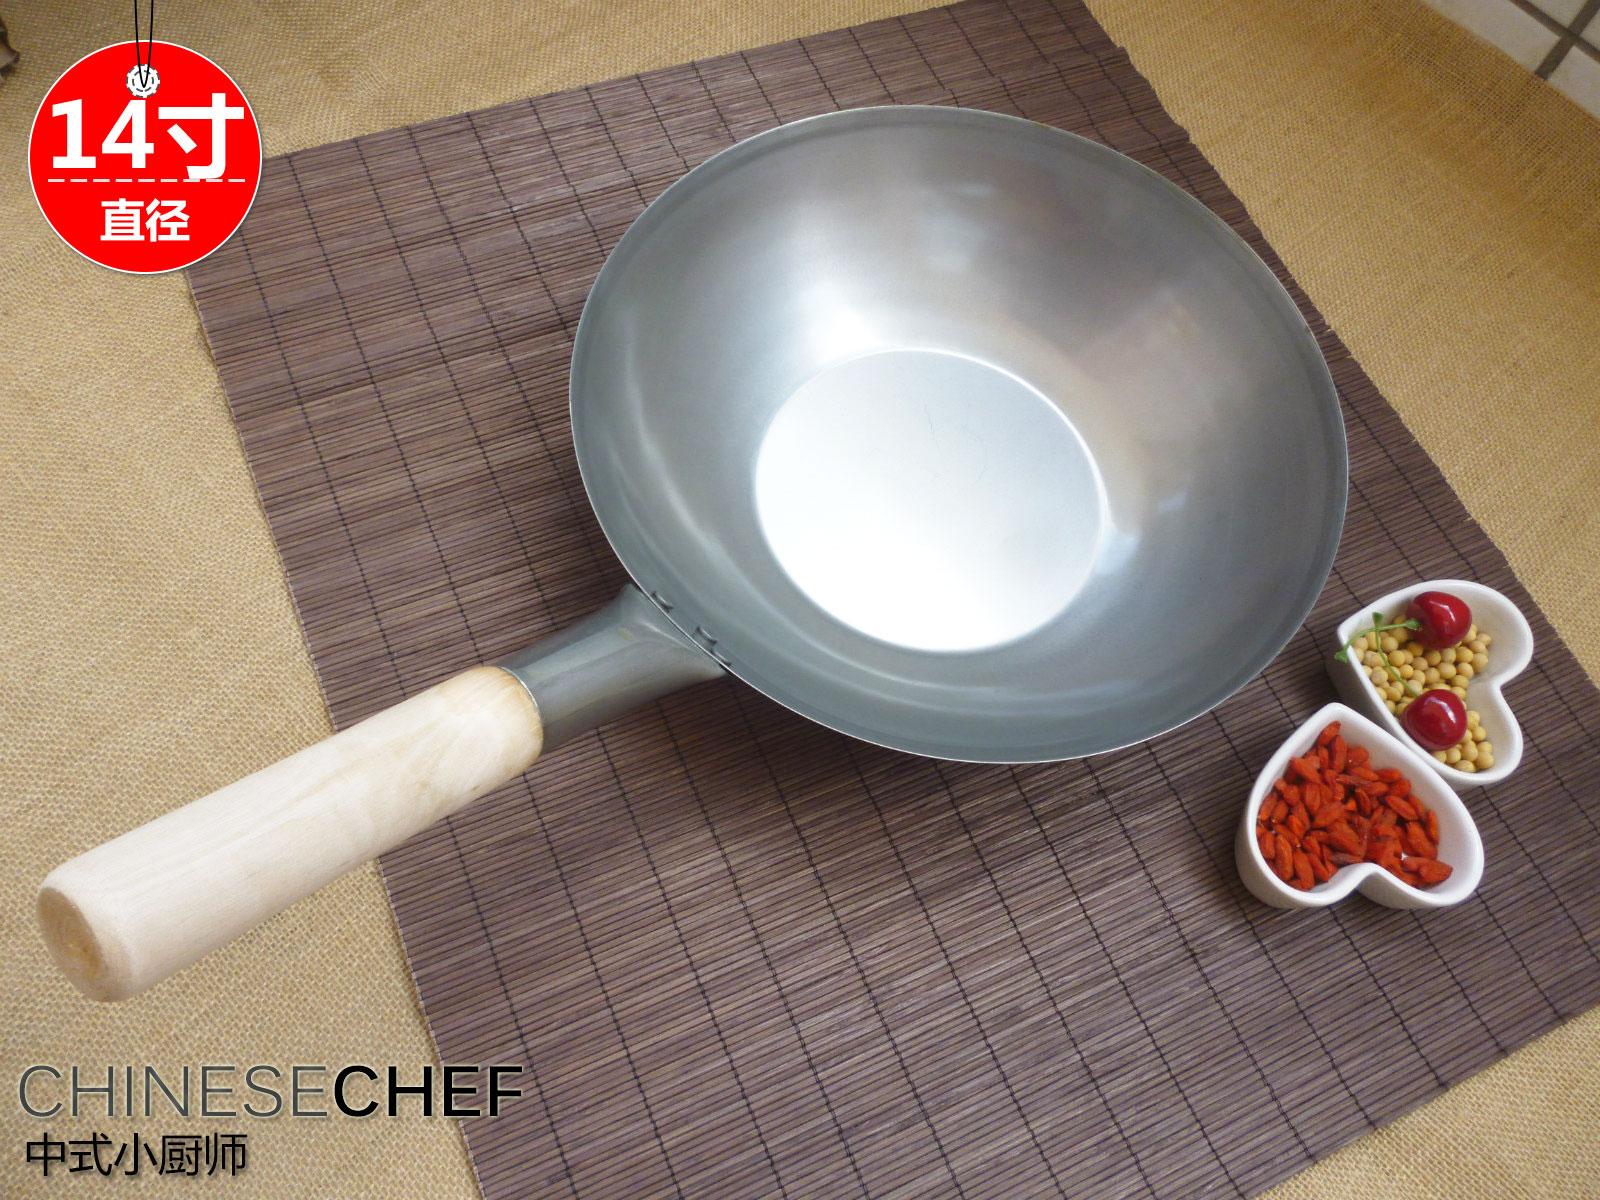 14寸/36cm传统木柄熟铁无涂层中式锅具出口德国天然气炒菜平底锅